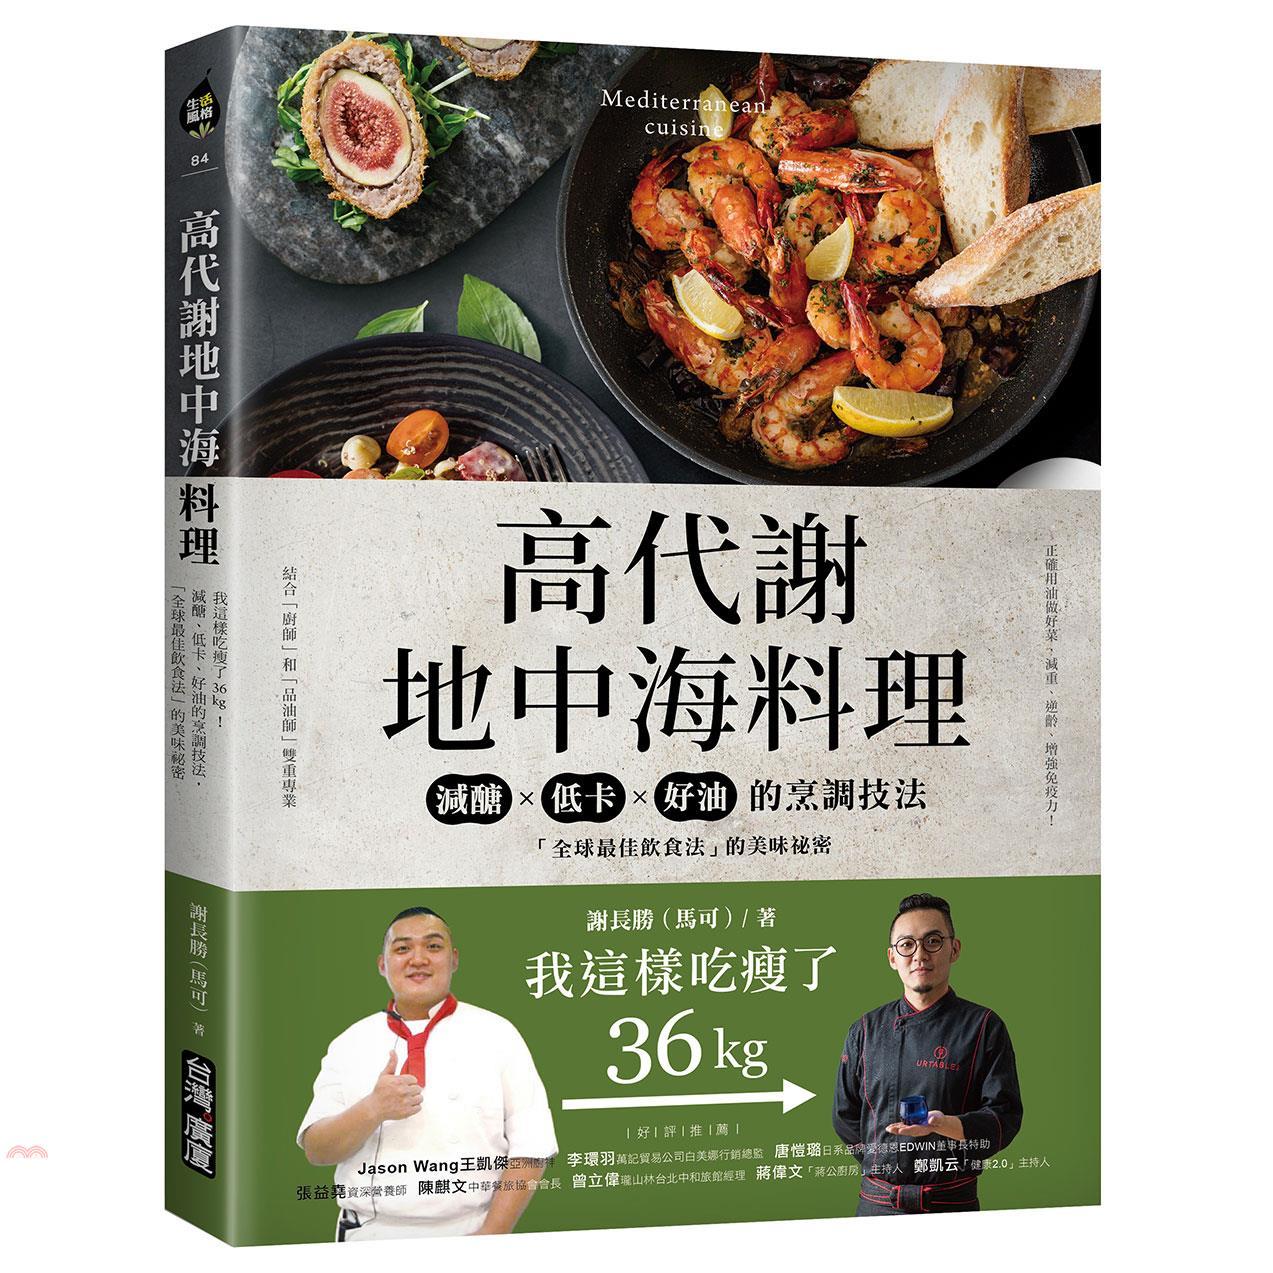 高代謝地中海料理:我這樣吃瘦了36kg!減醣、低卡、好油的烹調技法,「全球最佳飲食法」的美味祕密[79折]